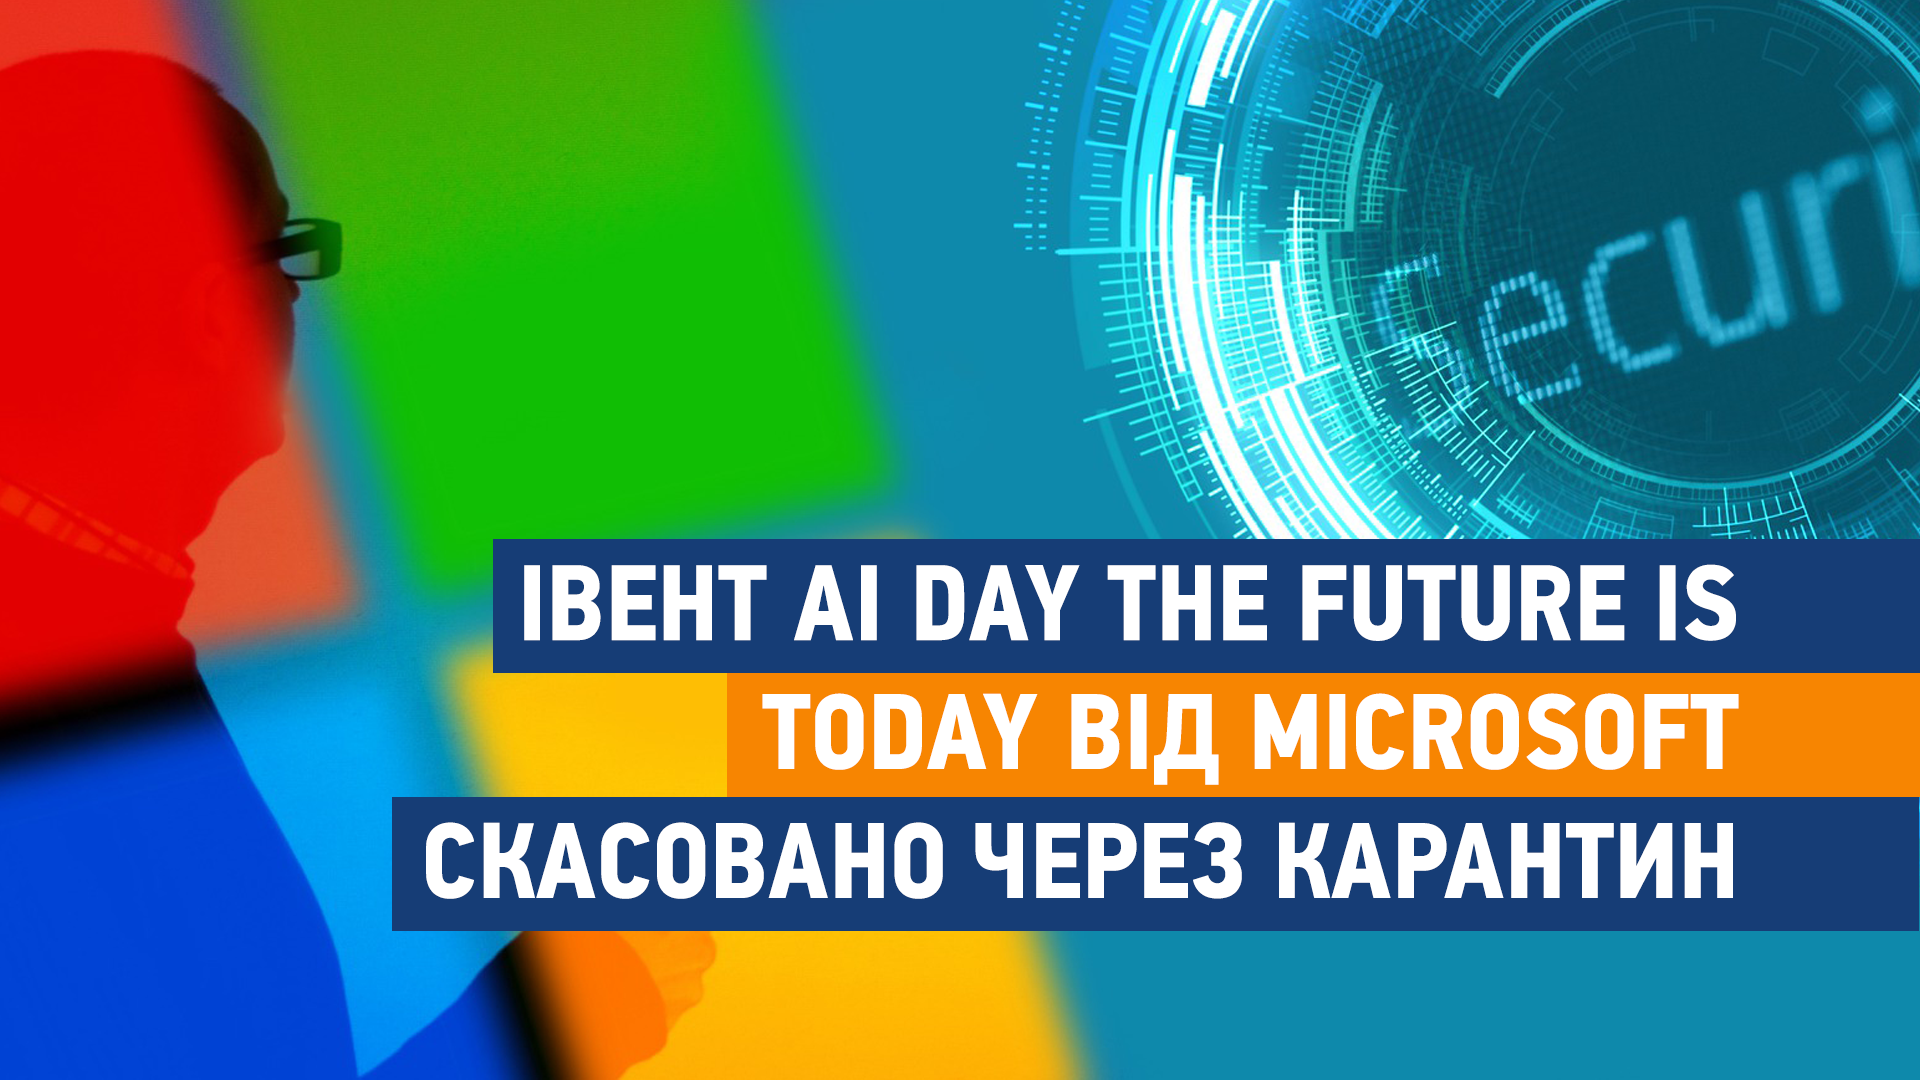 Івент AI Day. The Future is Today від Microsoft скасовано через карантин - штучний інтелект, ШІ, Microsoft - shablon poglyad site